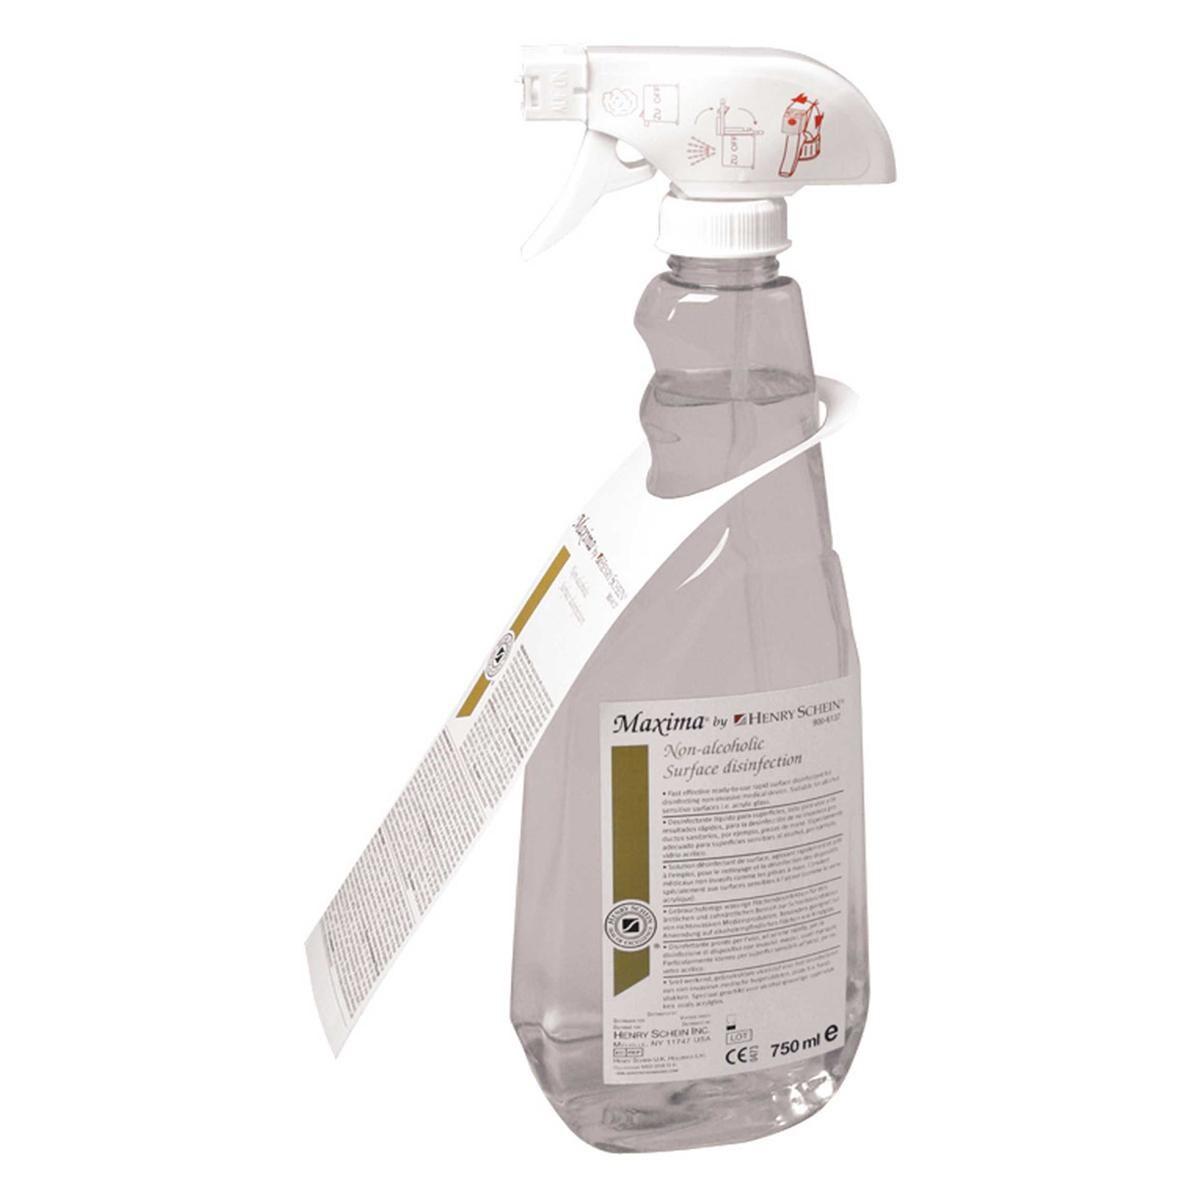 Para desinfectar superficies alcohol